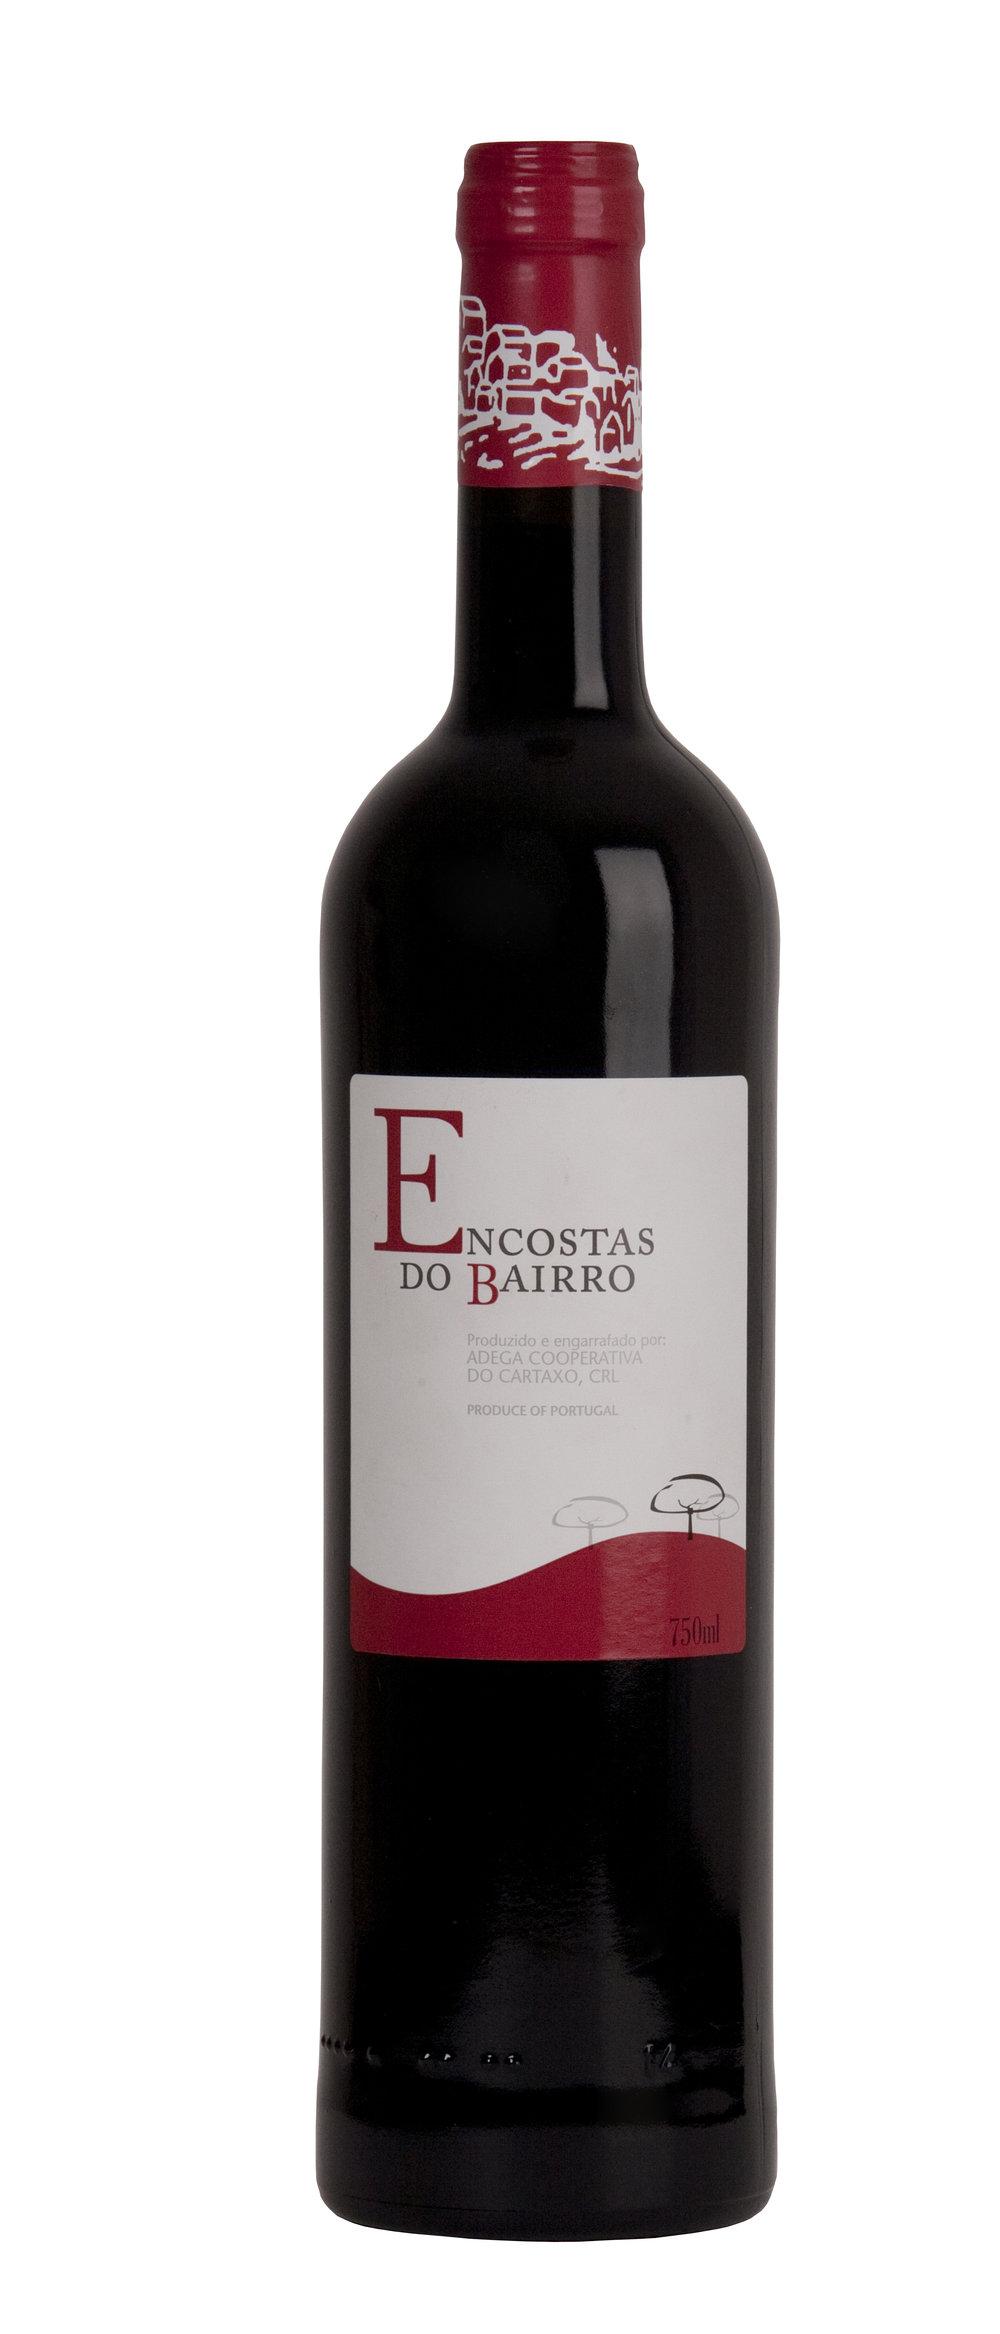 拜罗山坡佐餐红葡萄酒盒中袋